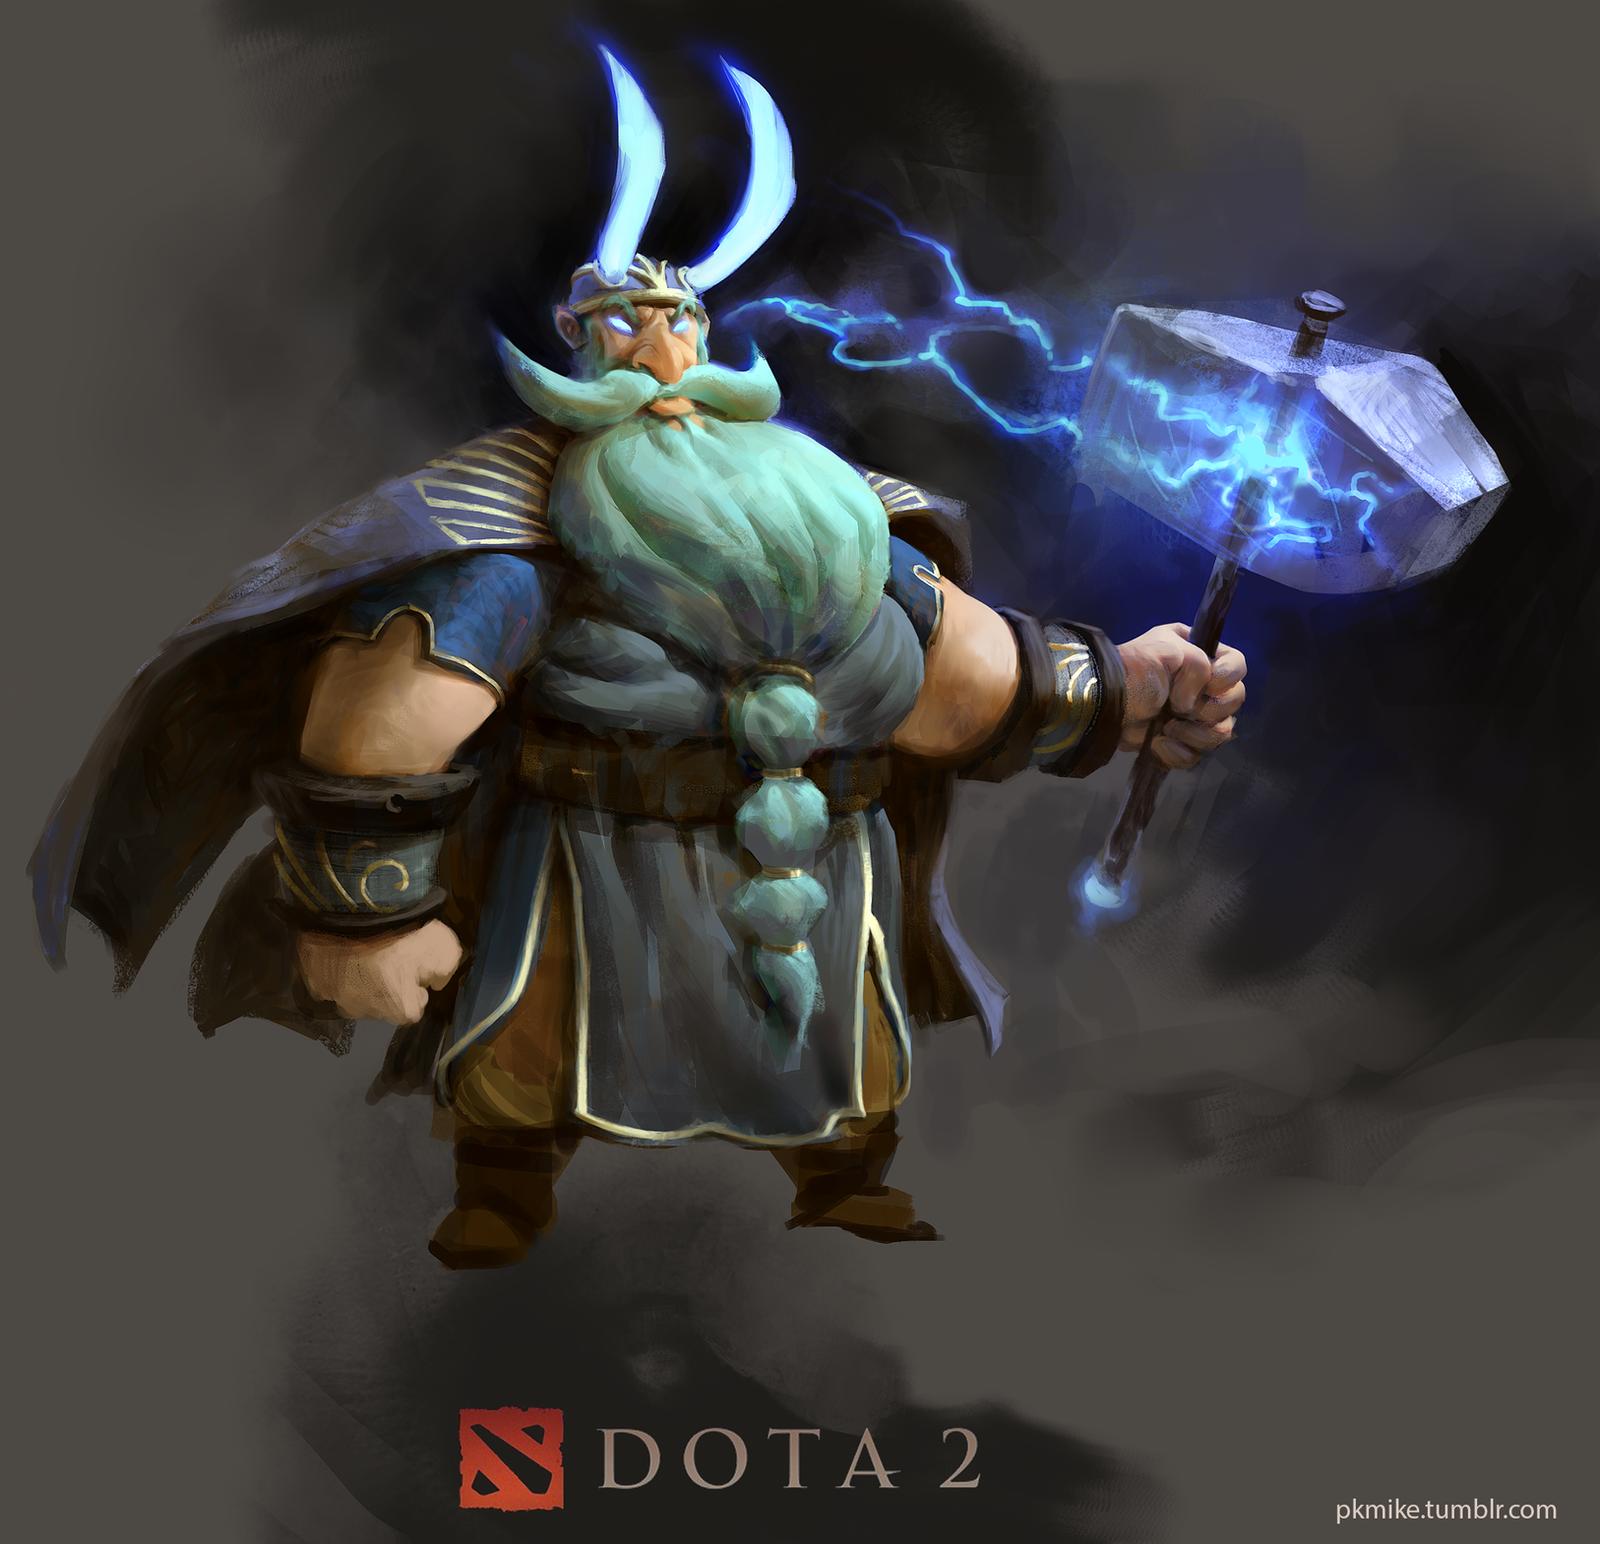 Zeus Dota 2 Quotes Zeus Dota Redesign By Mikeazevedo Dmgrvx